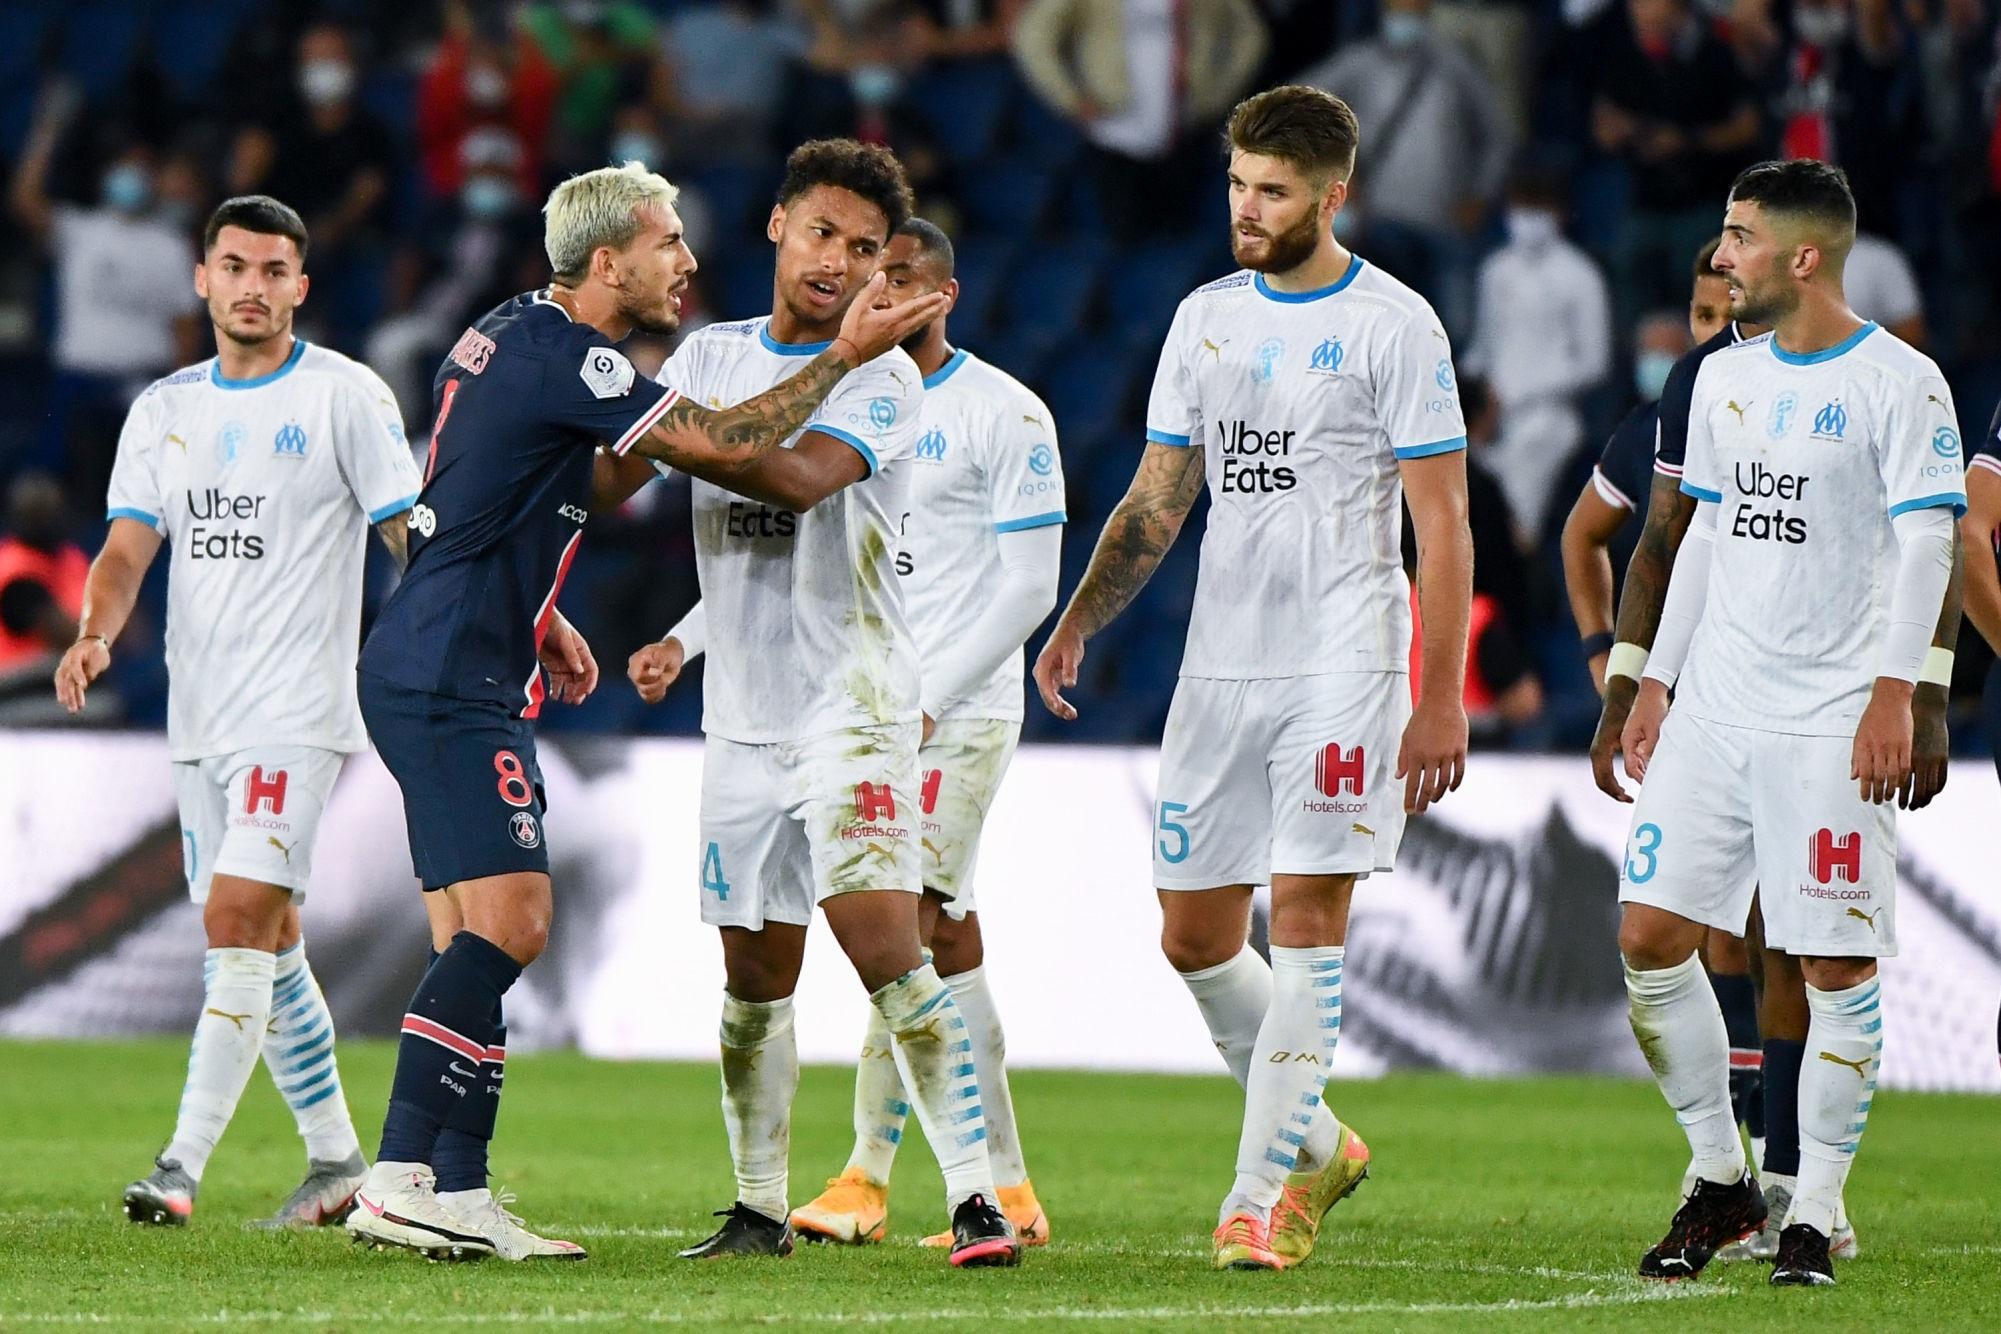 """Paredes confie que """"Ce qu'il s'est passé contre Marseille m'a fait un déclic, je dois changer"""""""